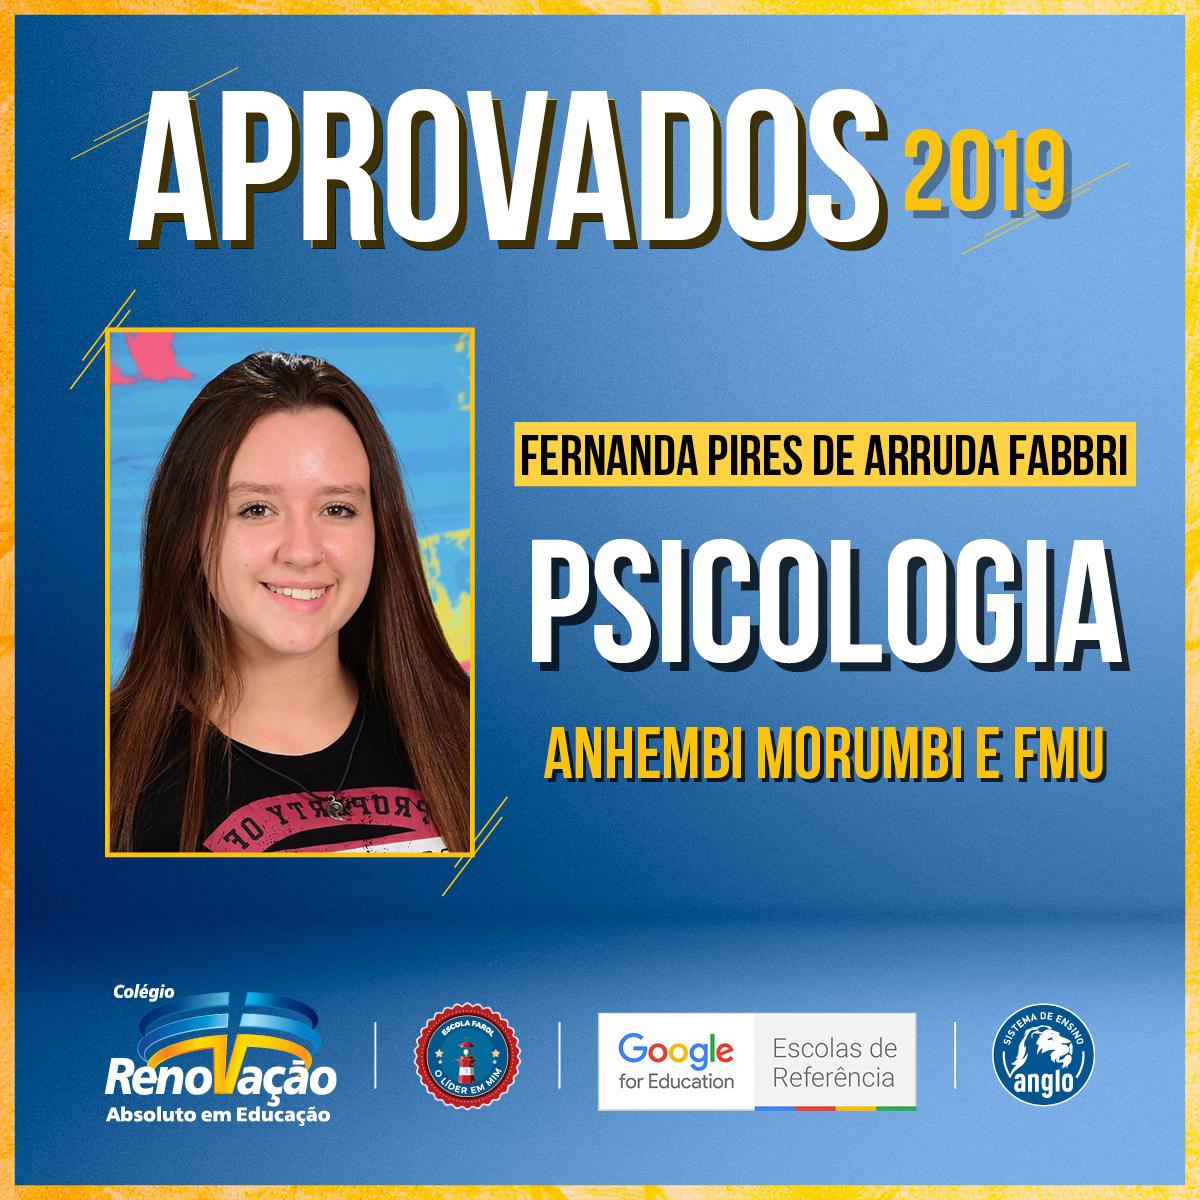 16992_Desdobramentos_Post_BannerAprovados2019_ColegioRenovacaoSP12